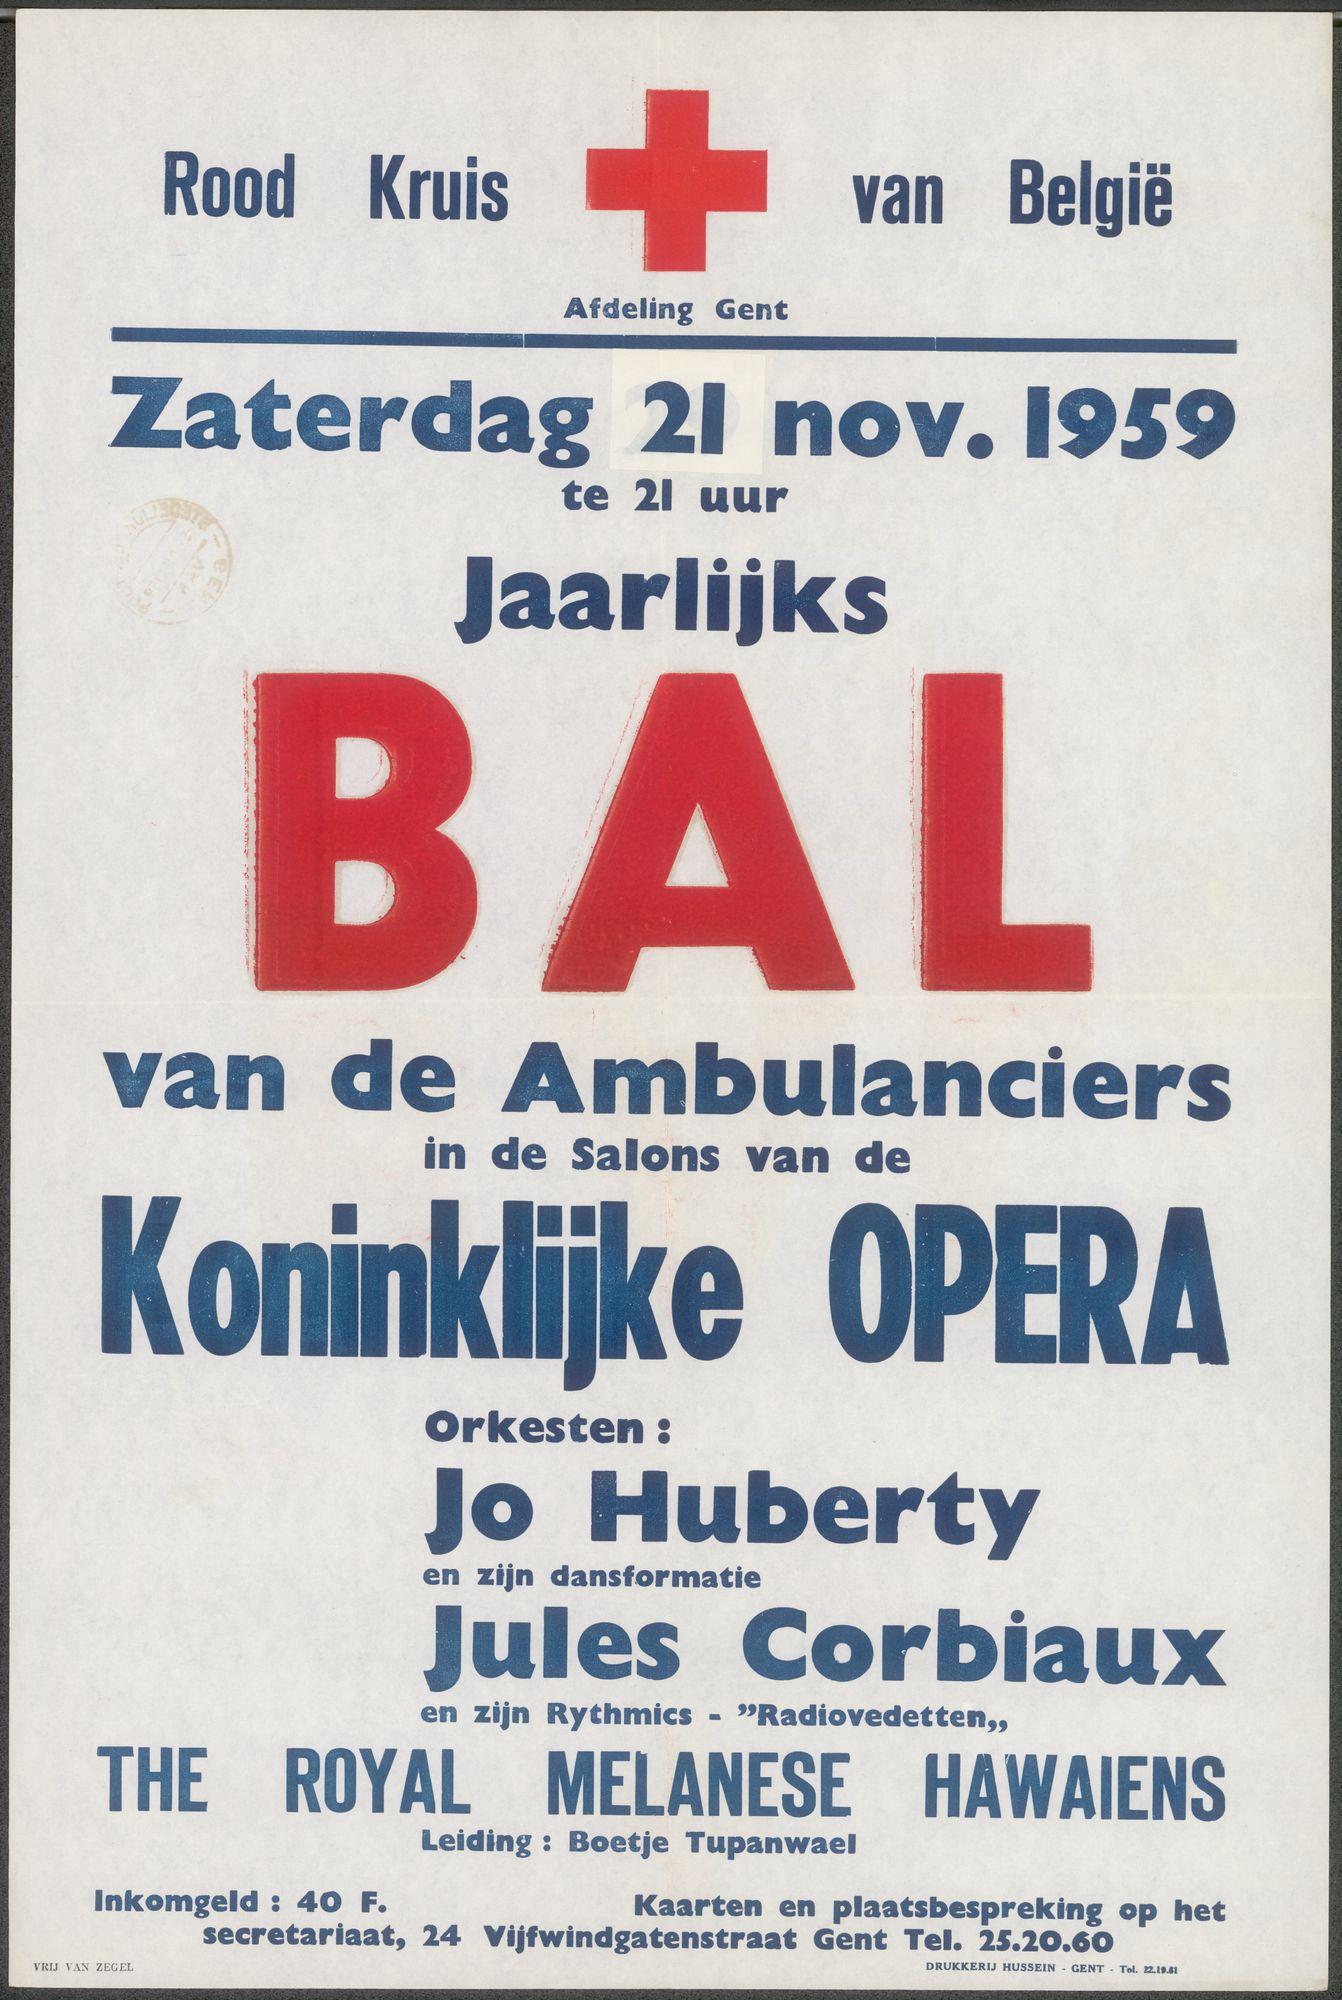 Jaarlijks Bal van de Ambulanciers. Rood Kruis (Rode Kruis) van België. Koninklijke Opera, Gent, 21 november 1959